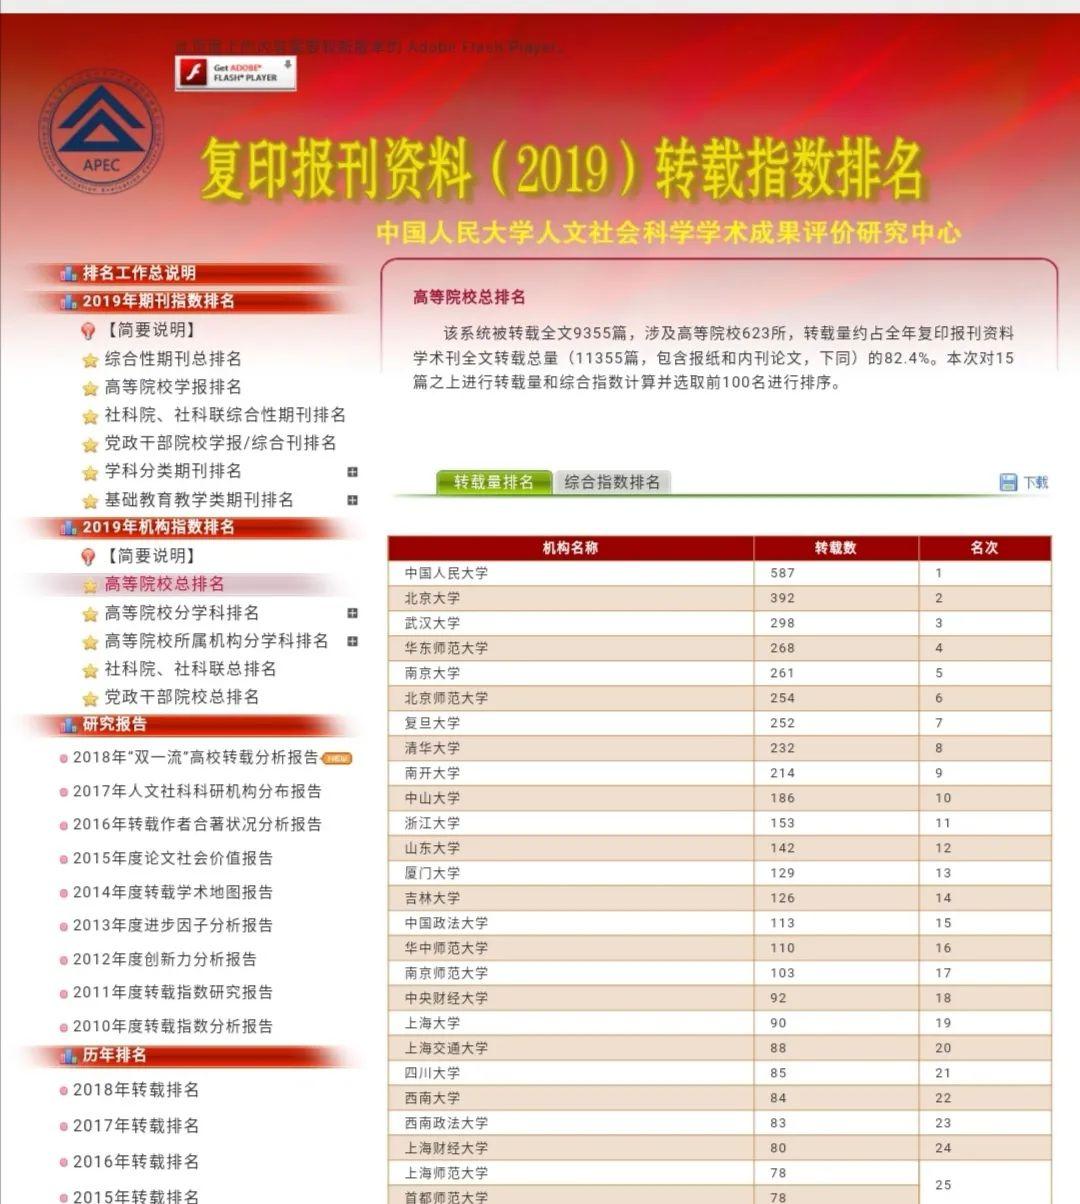 学科实力!我校在2019年度中国人民大学人文社科评价中获佳绩图片